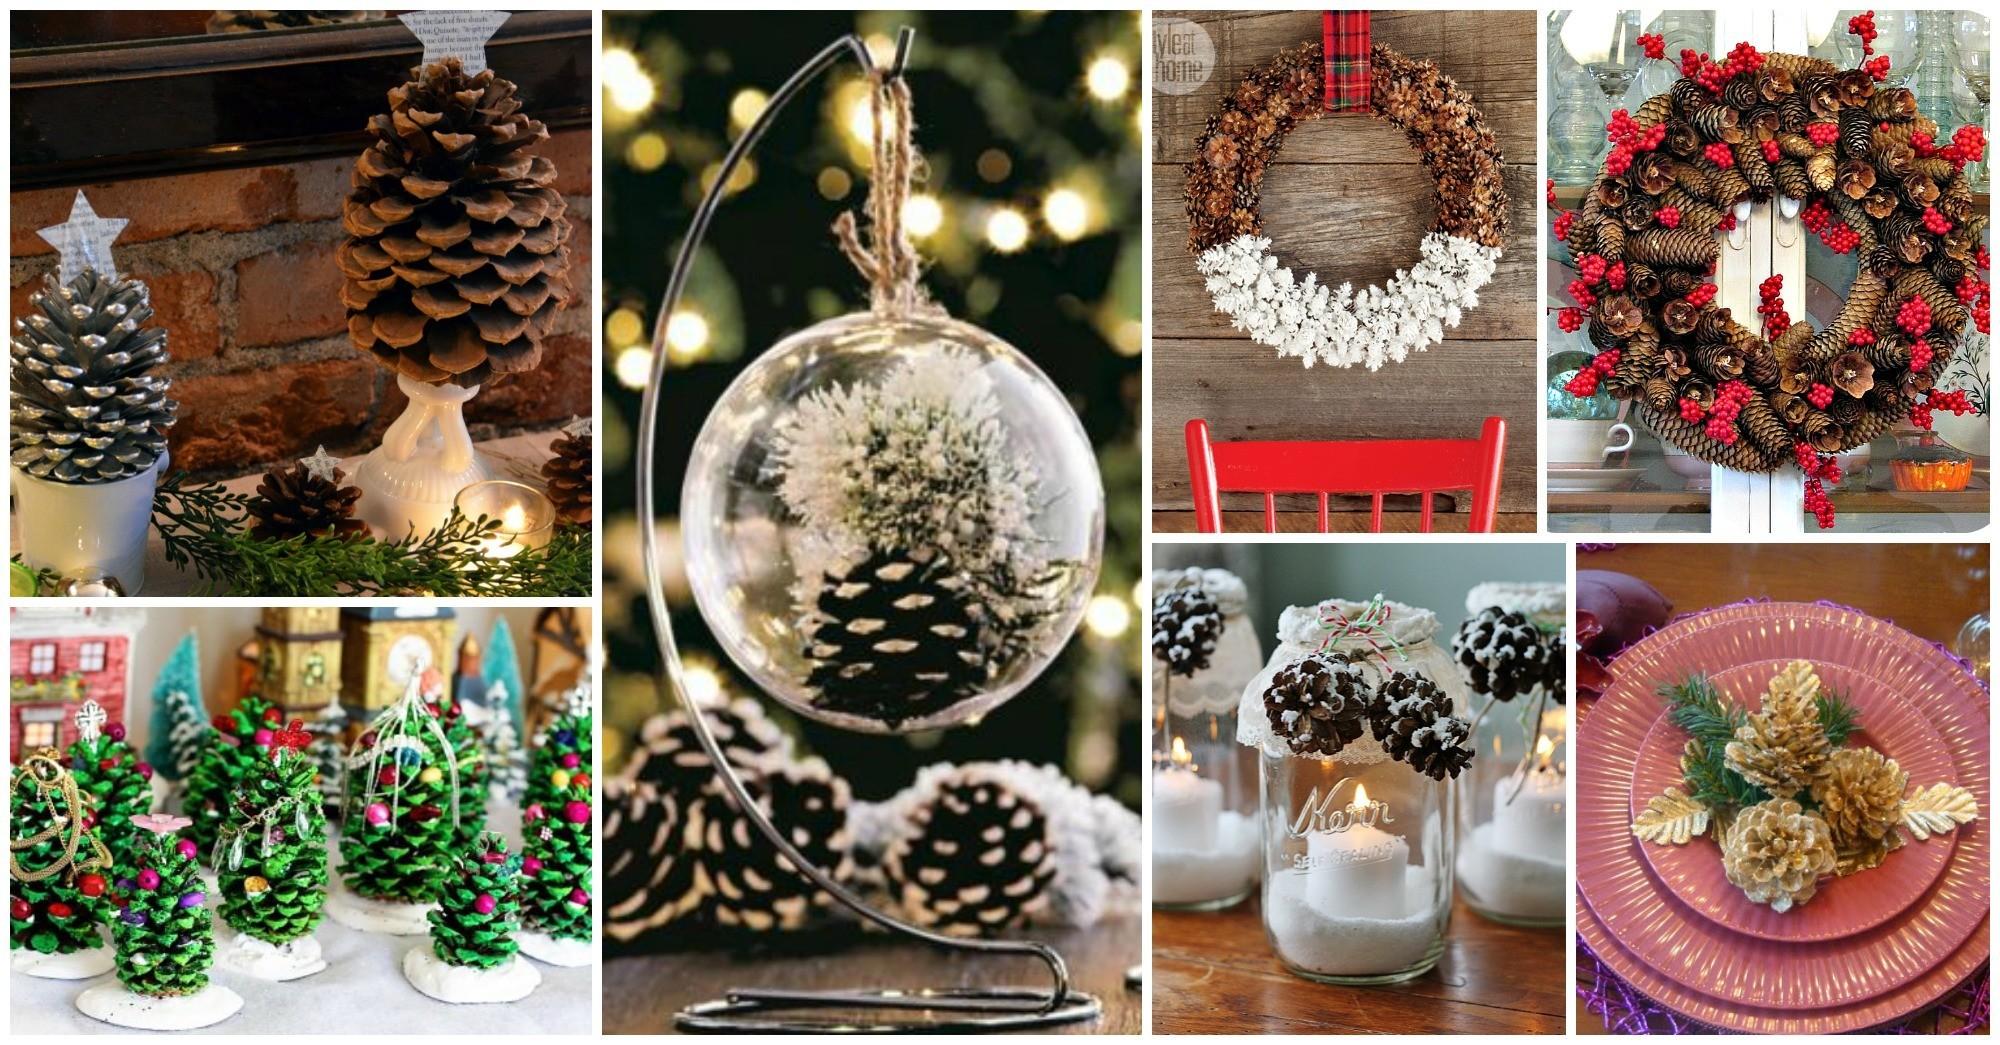 10 Genius DIY Ideas to Transform Pine Cones into Christmas Decorations